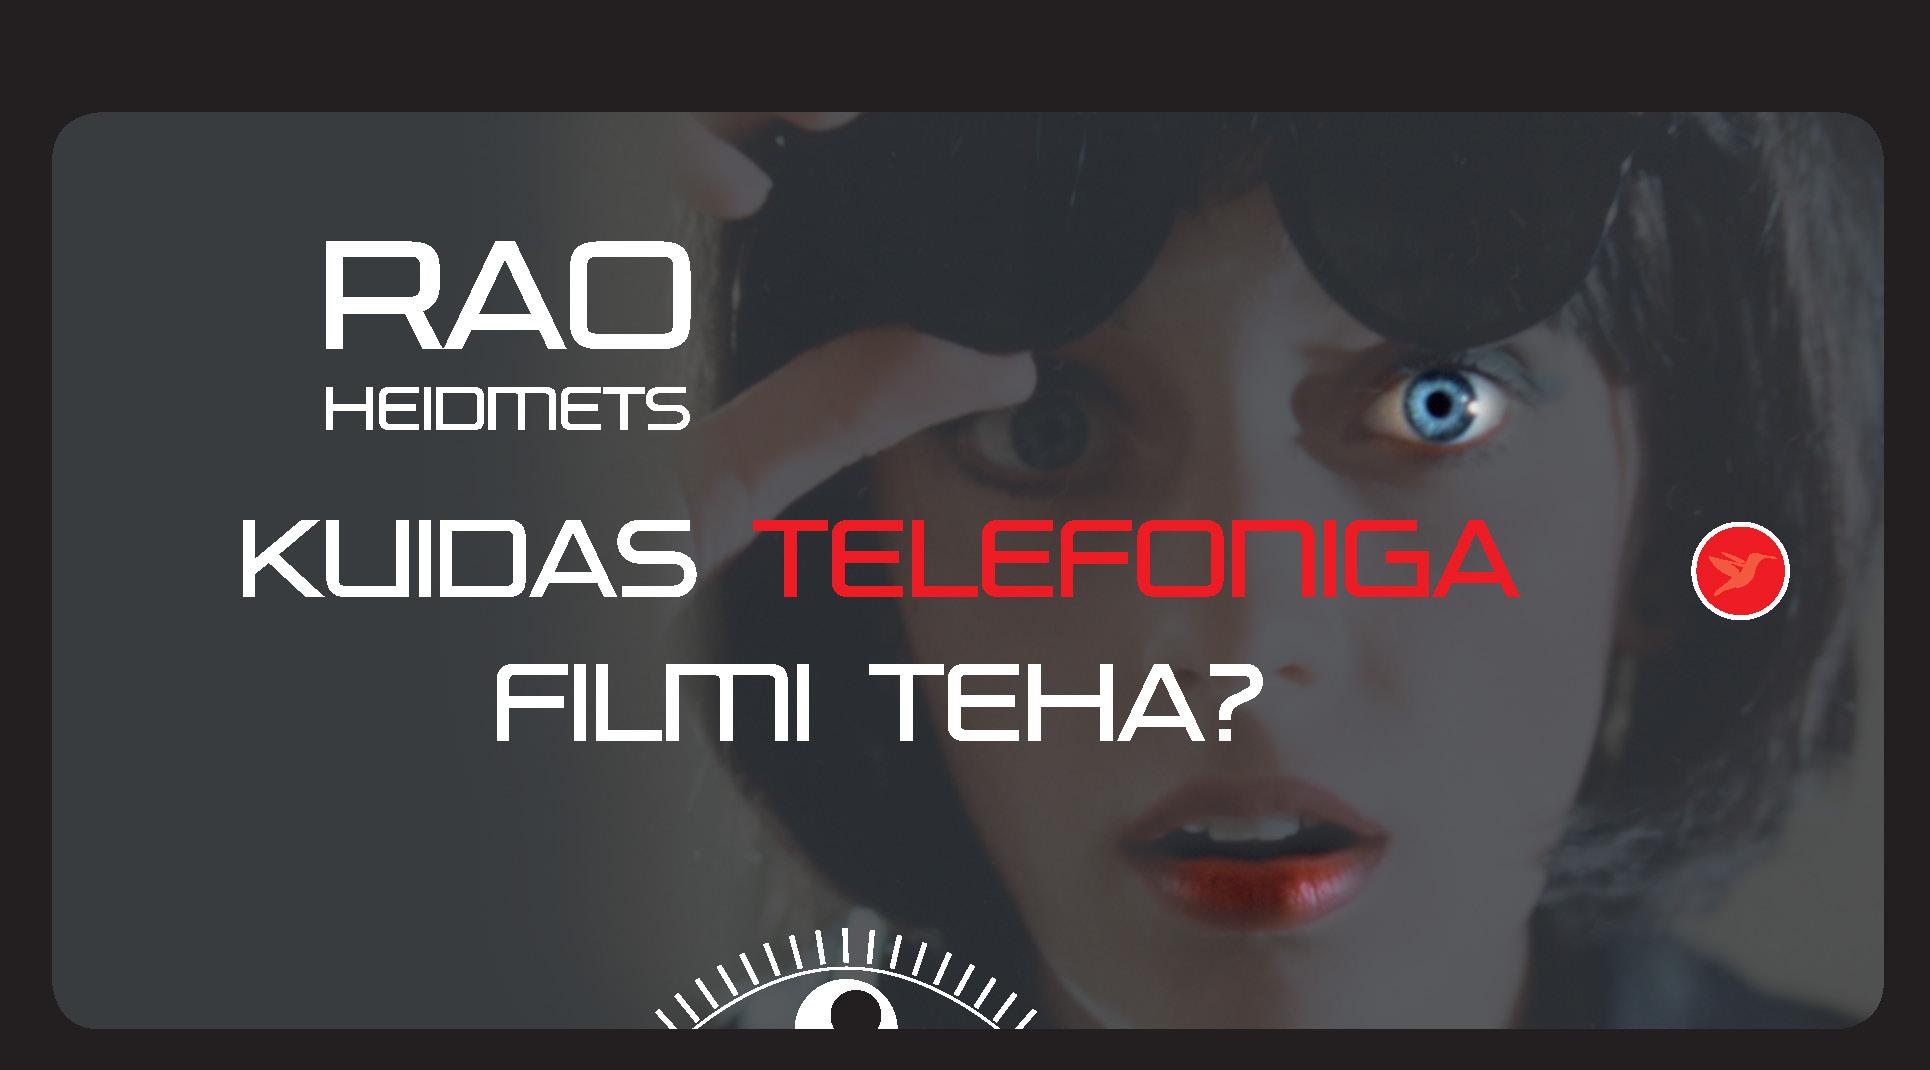 Kuidas telefoniga filmi teha?